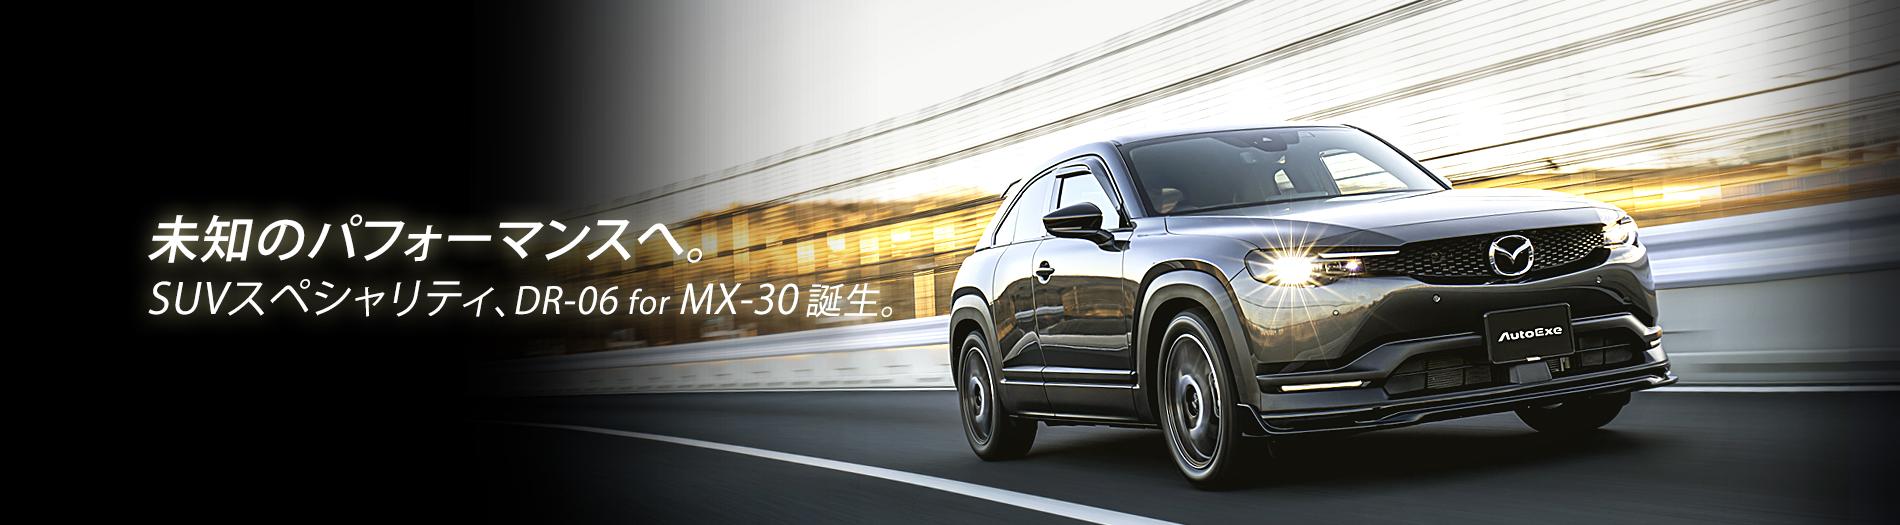 未知のパフォーマンスへ。 SUVスペシャリティ、DR-06 for MX-30 誕生。